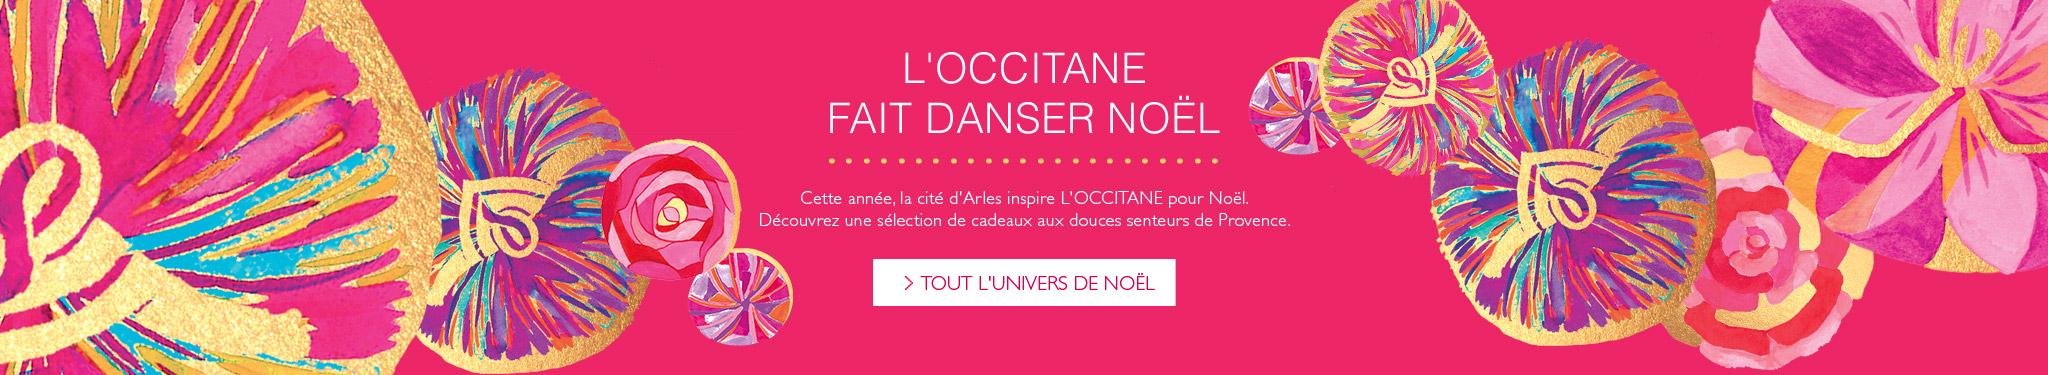 cadeau de noel 2014 -Univers Noël 2014 L'Occitane